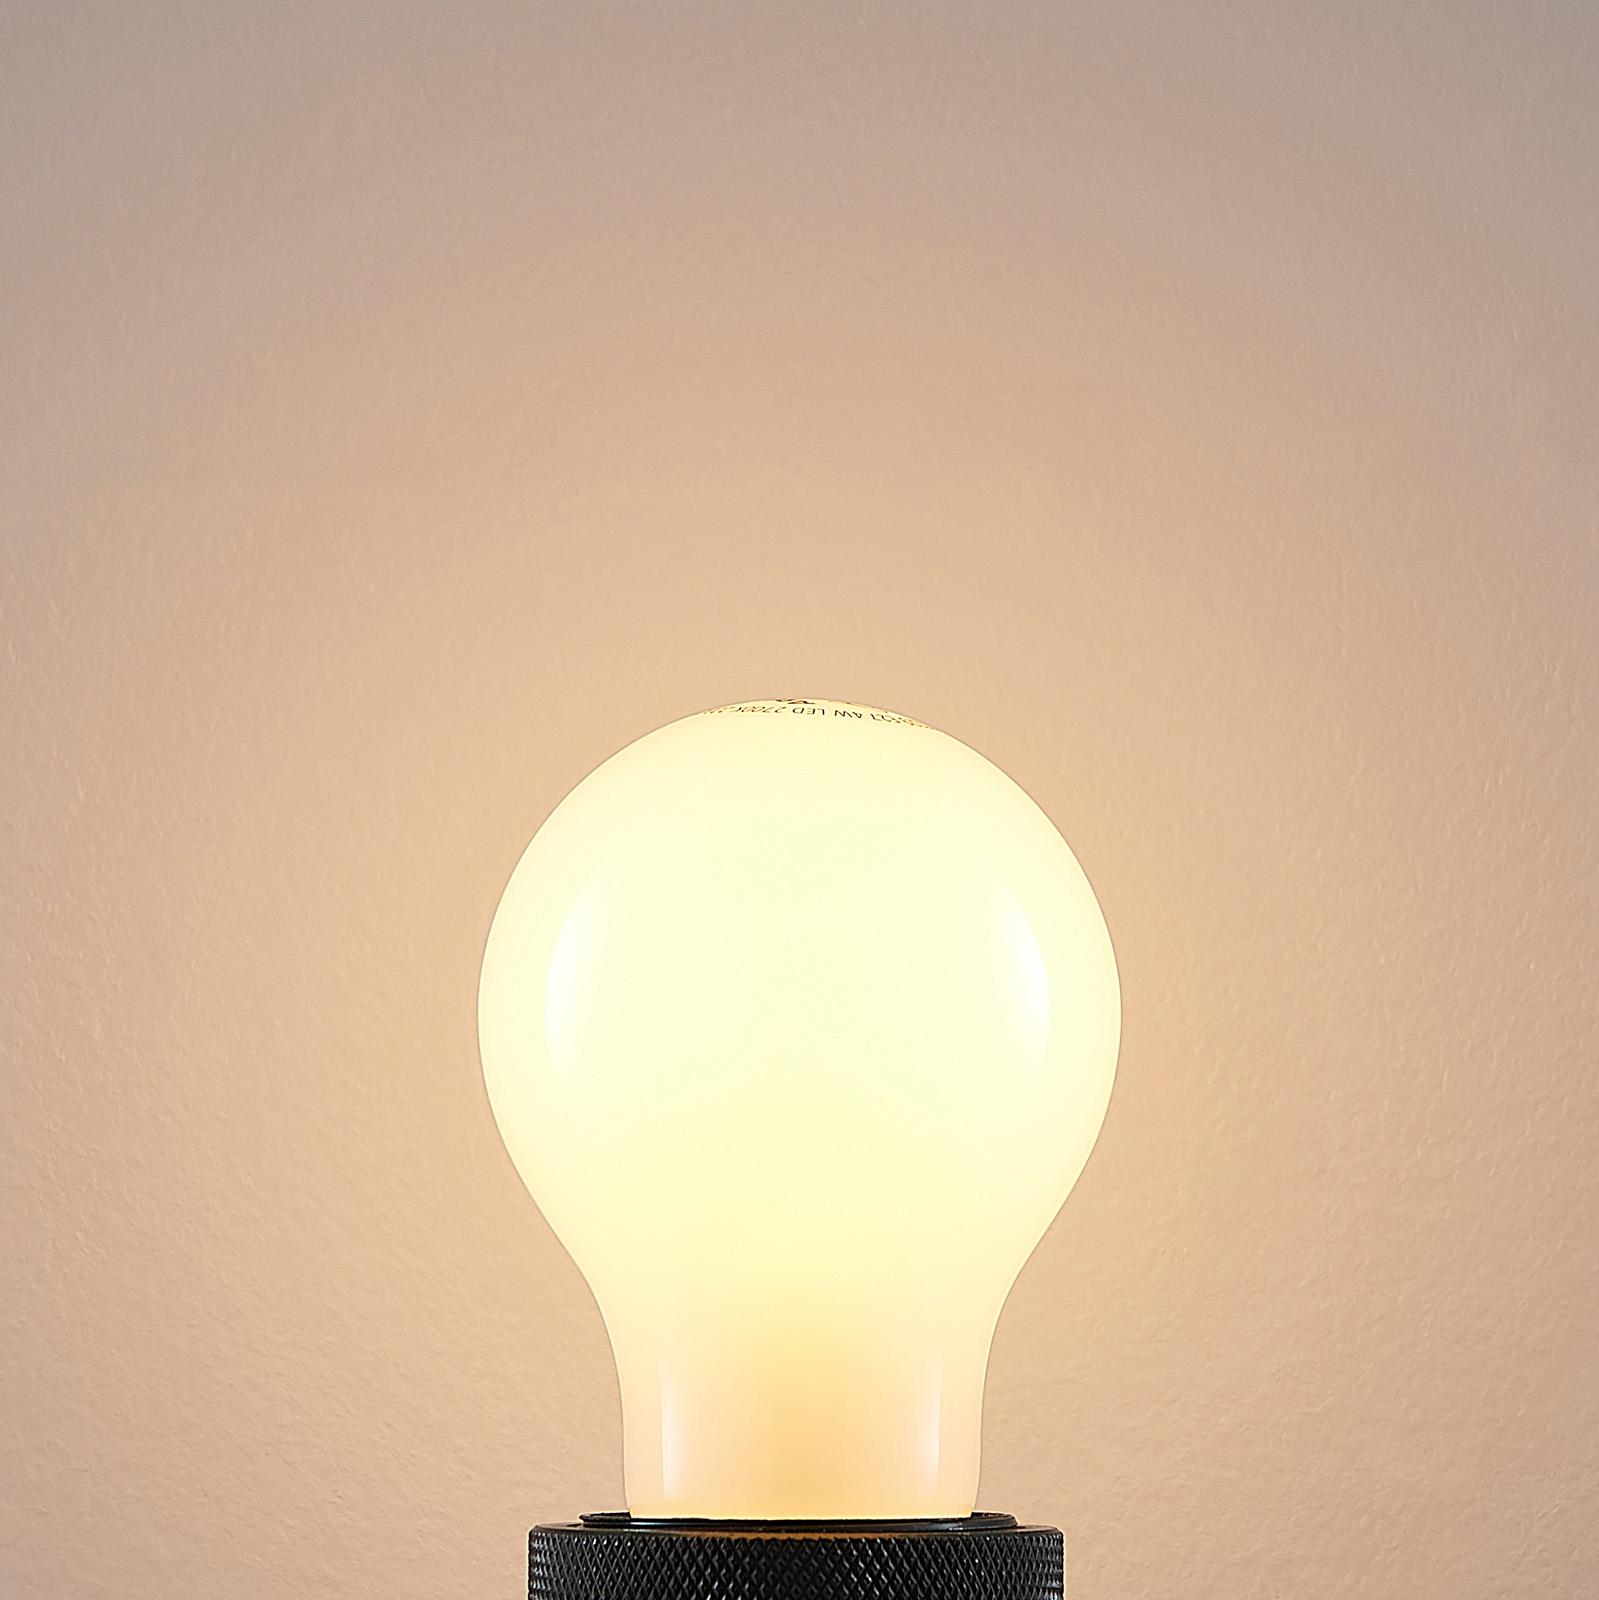 LED-pære E27 4W 2700K dimbar, opal